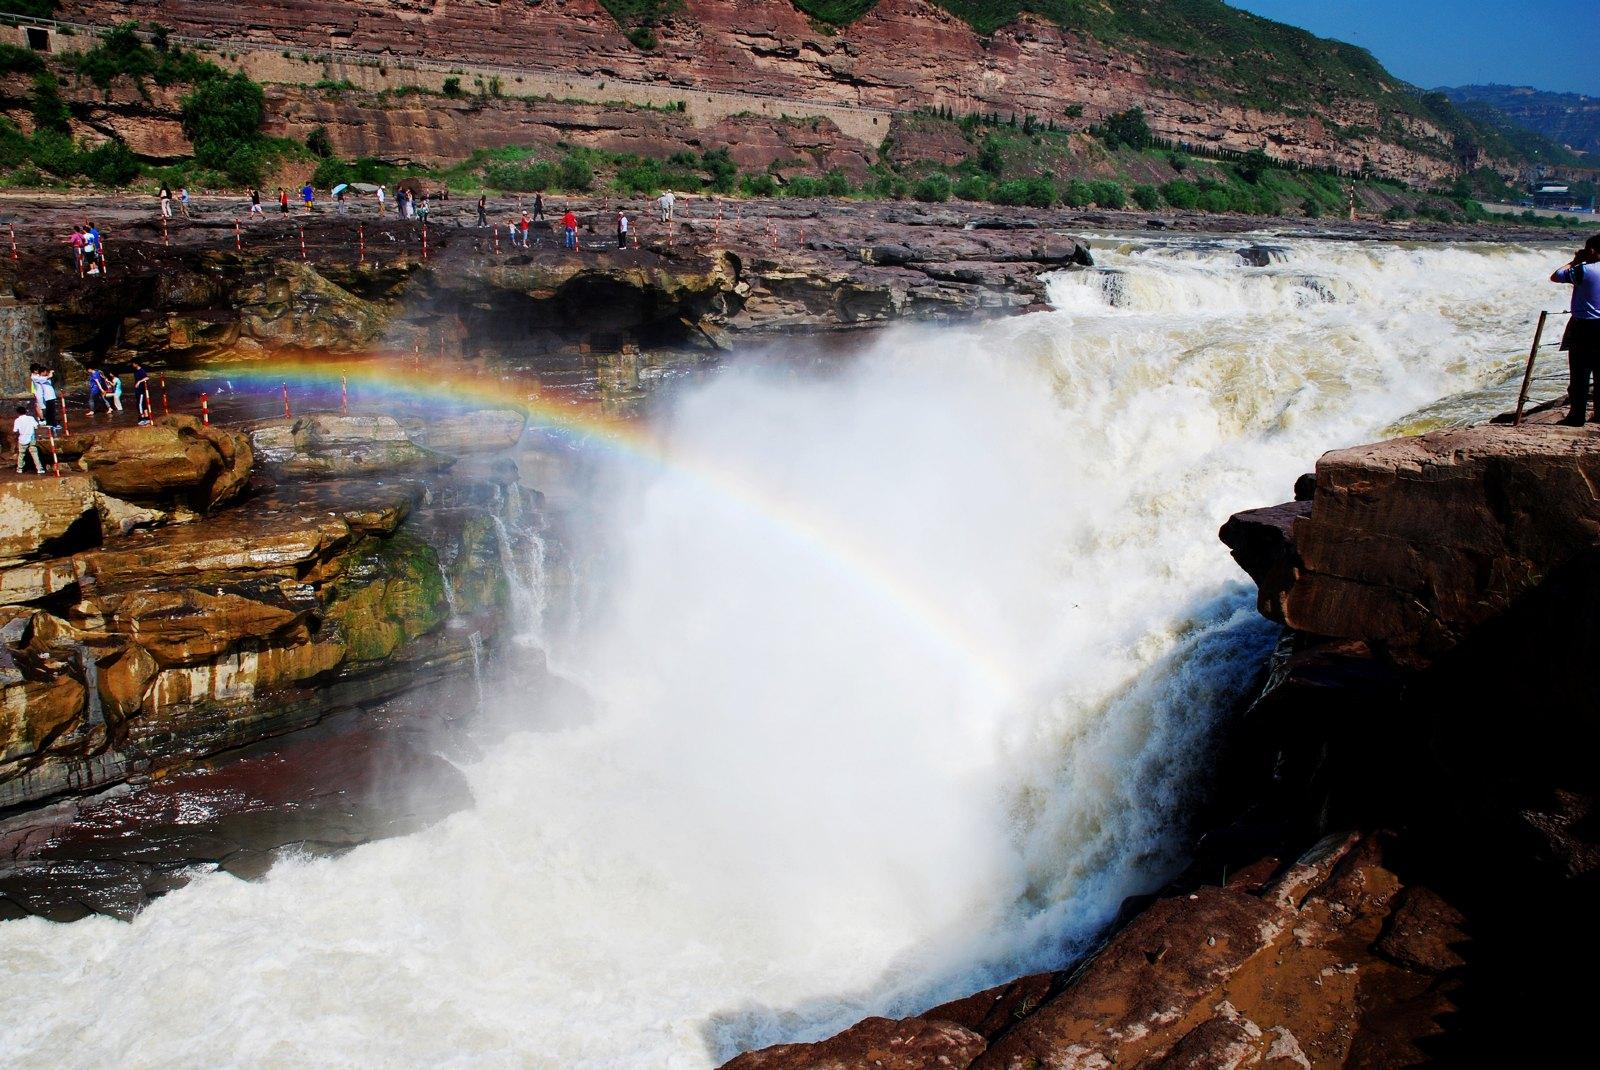 延安壶口瀑布、黄帝陵、枣园动车跟团2日游避免大巴5小时长途跋涉轻松游